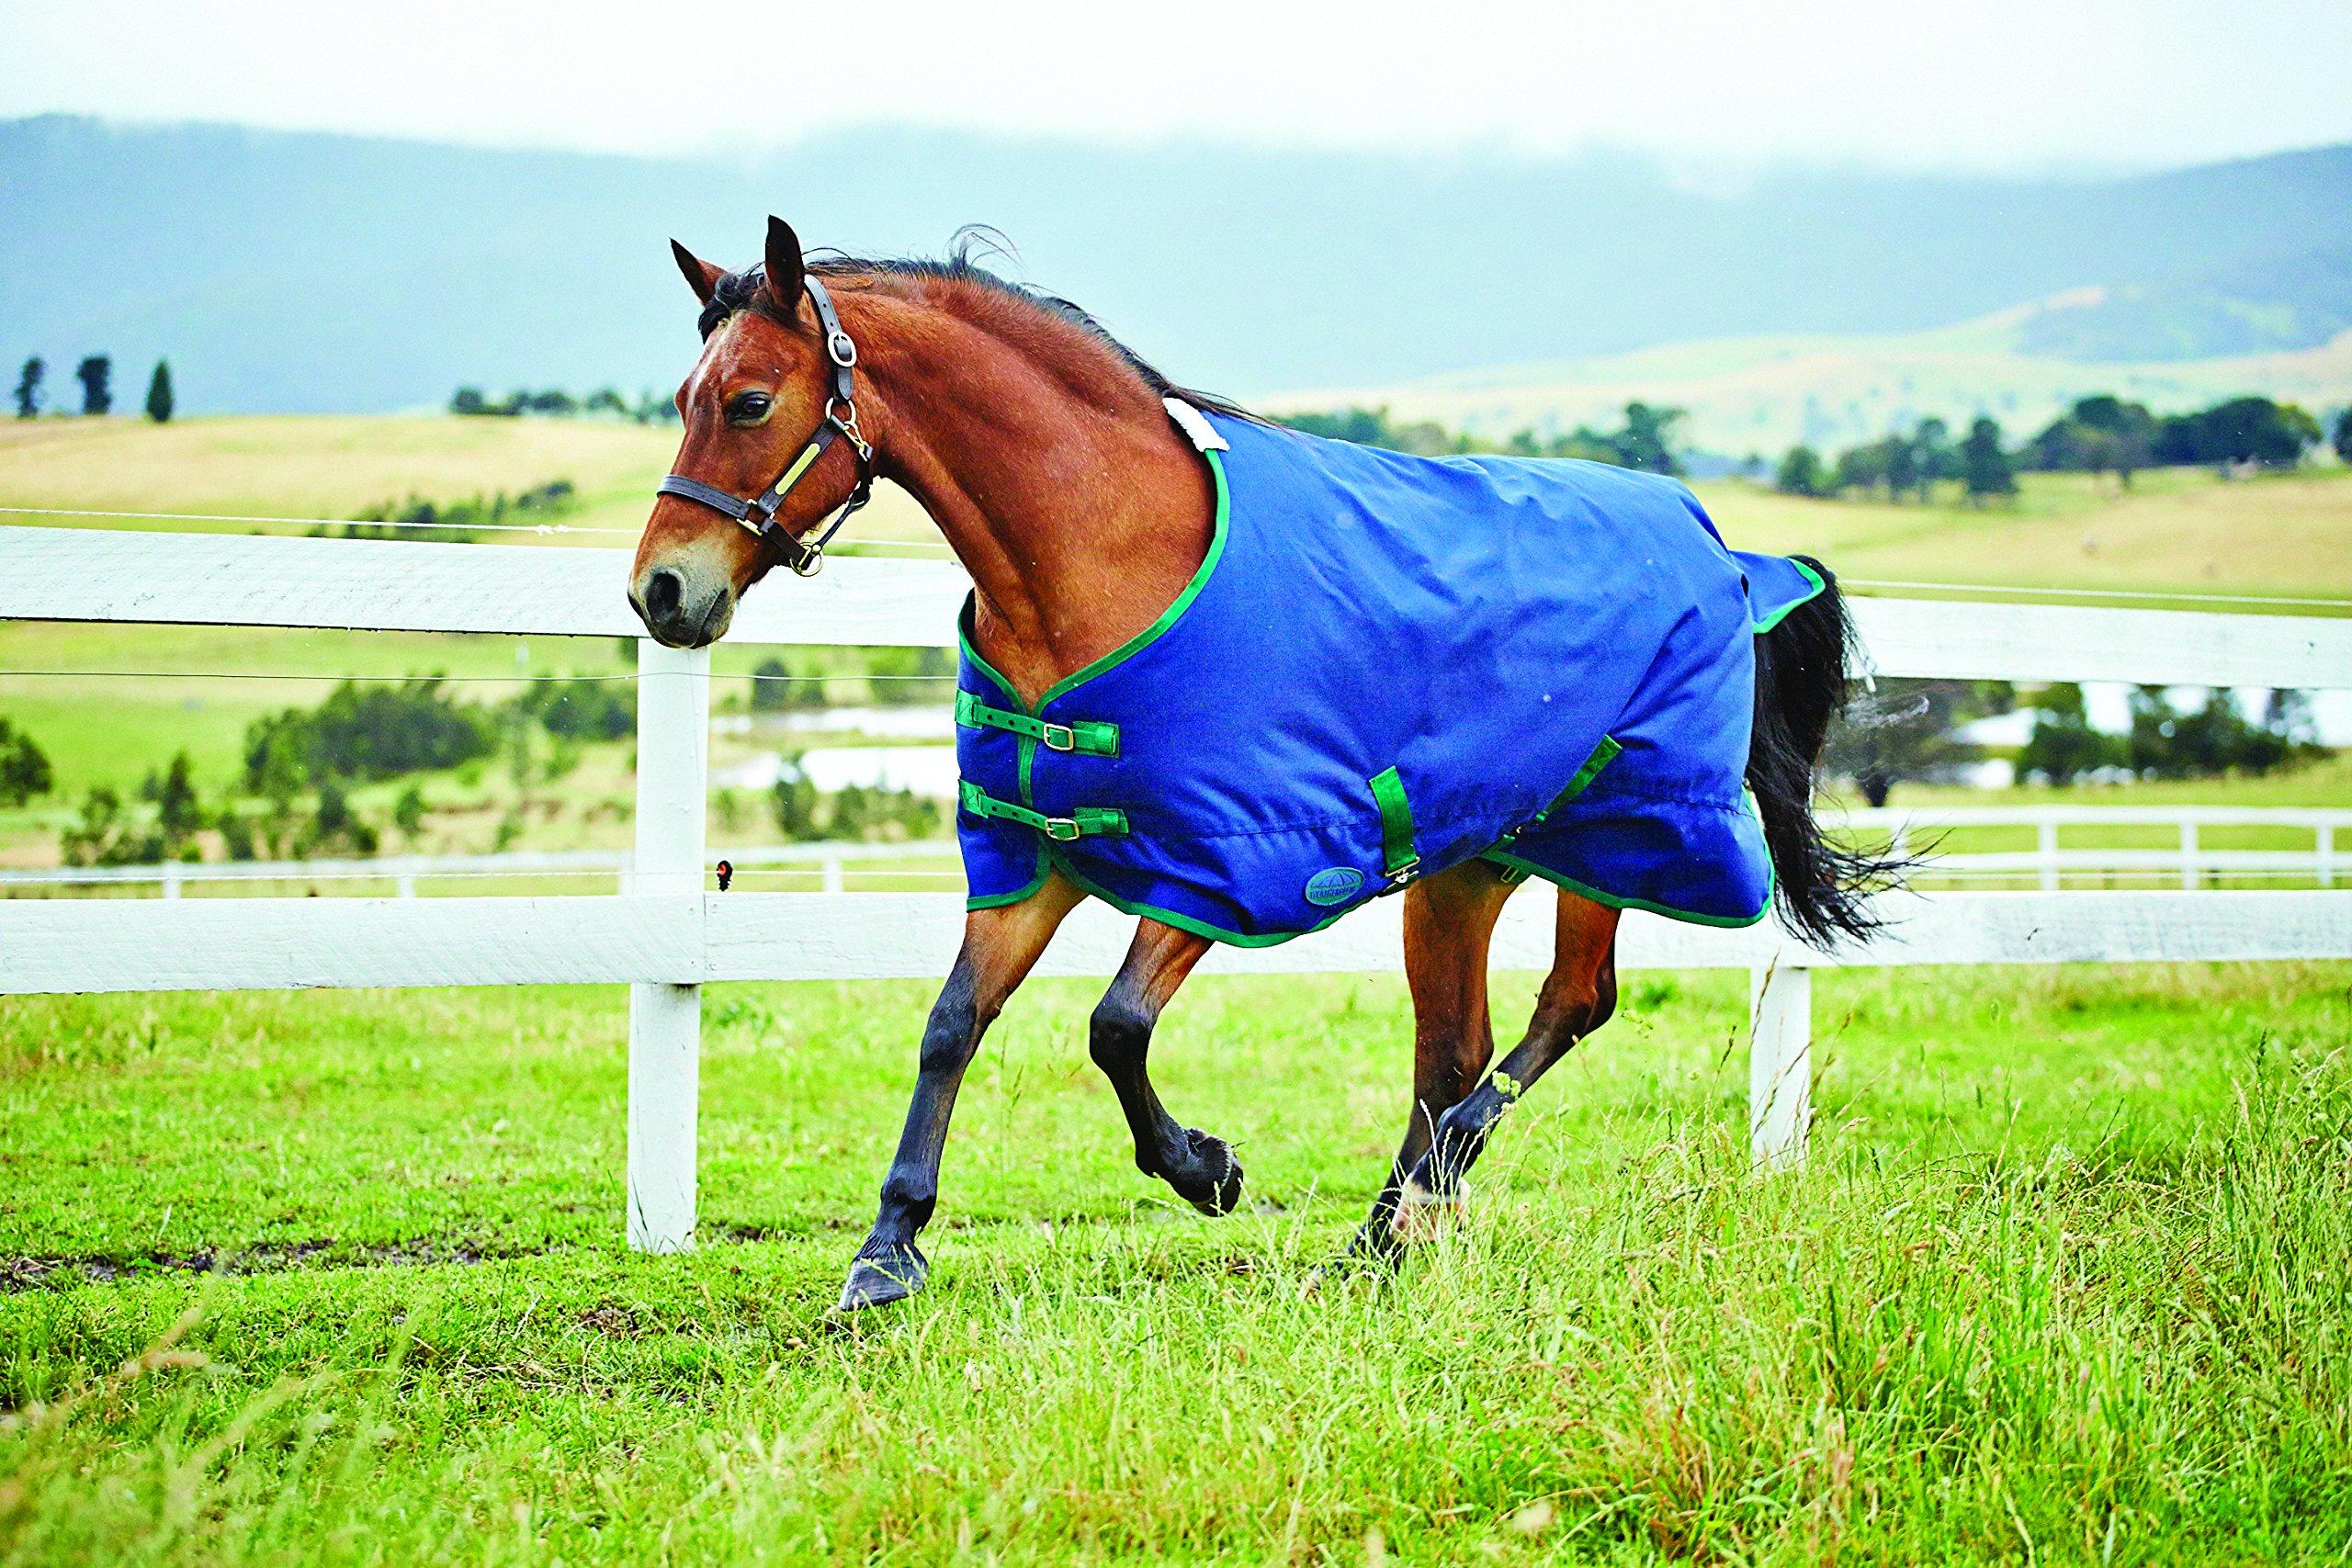 Weatherbeeta Genero 1200D Standard Neck Medium Weight Pony Blanket